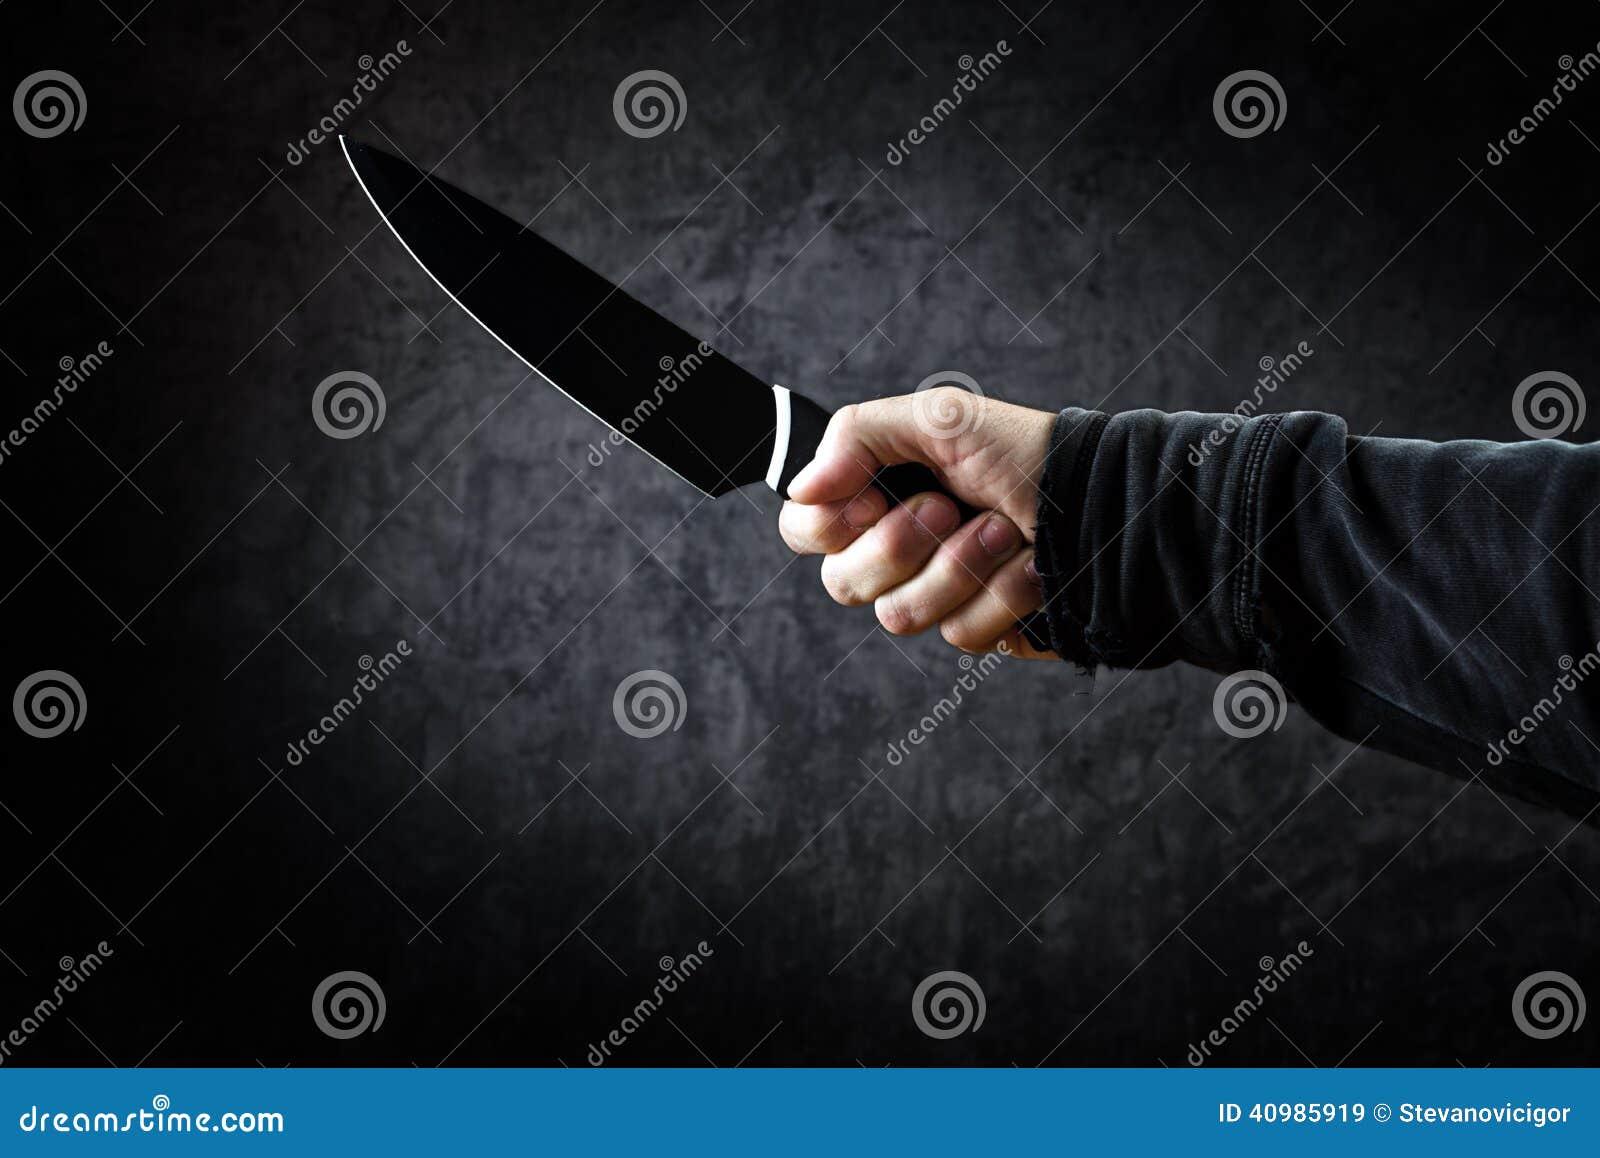 Cuchillo brillante del control malvado del hombre, asesino en la acción